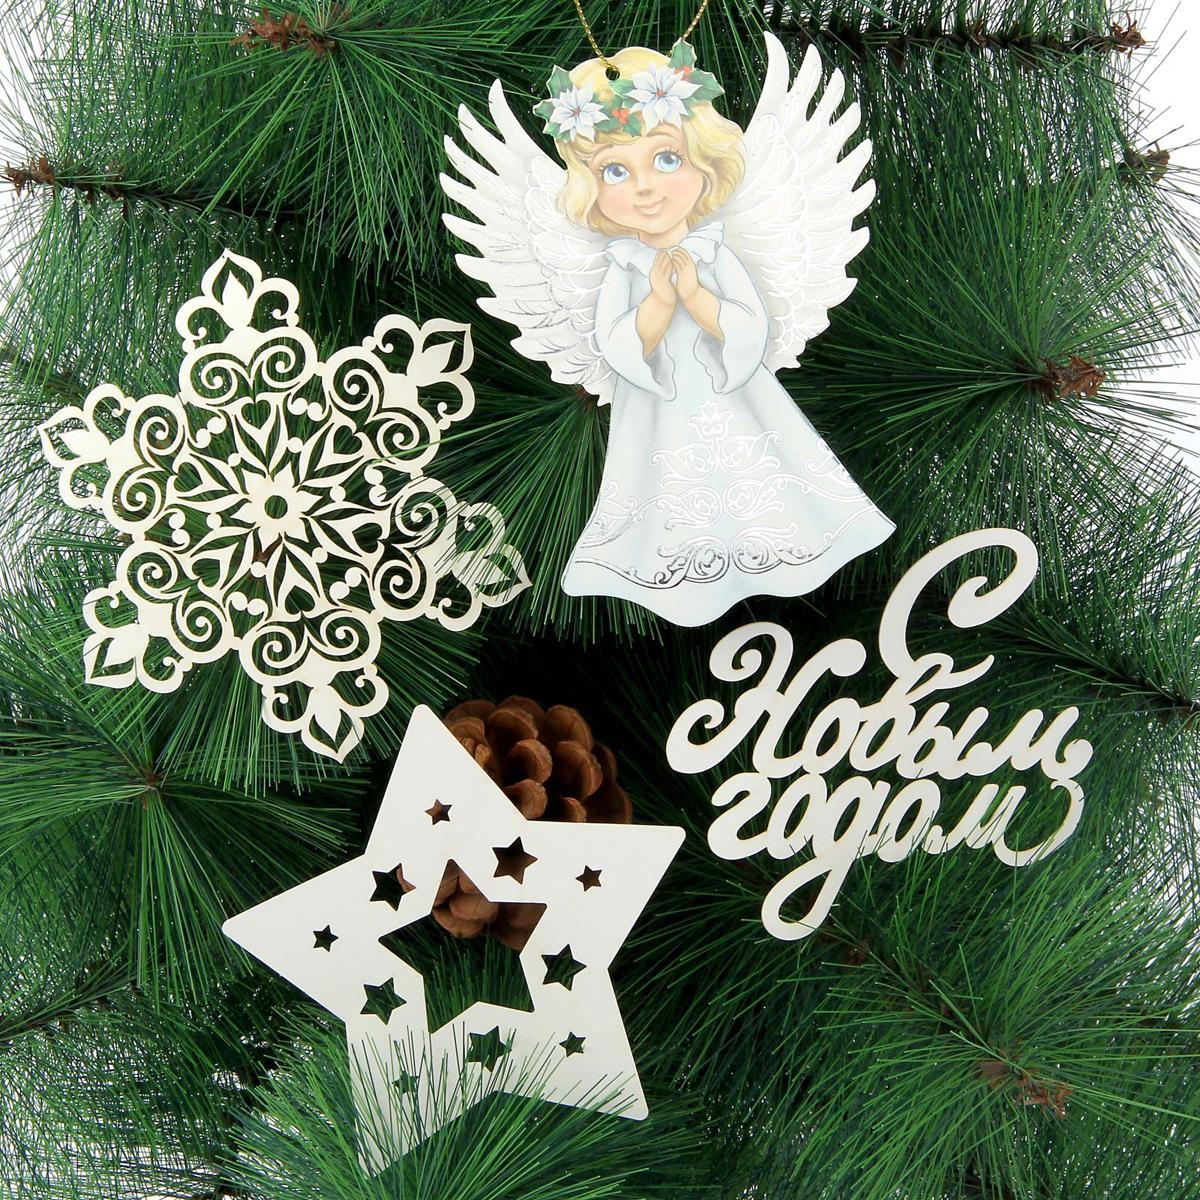 Набор для оформления Нового года Sima-land Ангелы, 13 х 15 см, 10 шт1428739Невозможно представить нашу жизнь без праздников! Мы всегда ждём их и предвкушаем, обдумываем, как проведём памятный день, тщательно выбираем подарки и аксессуары, ведь именно они создают и поддерживают торжественный настрой.